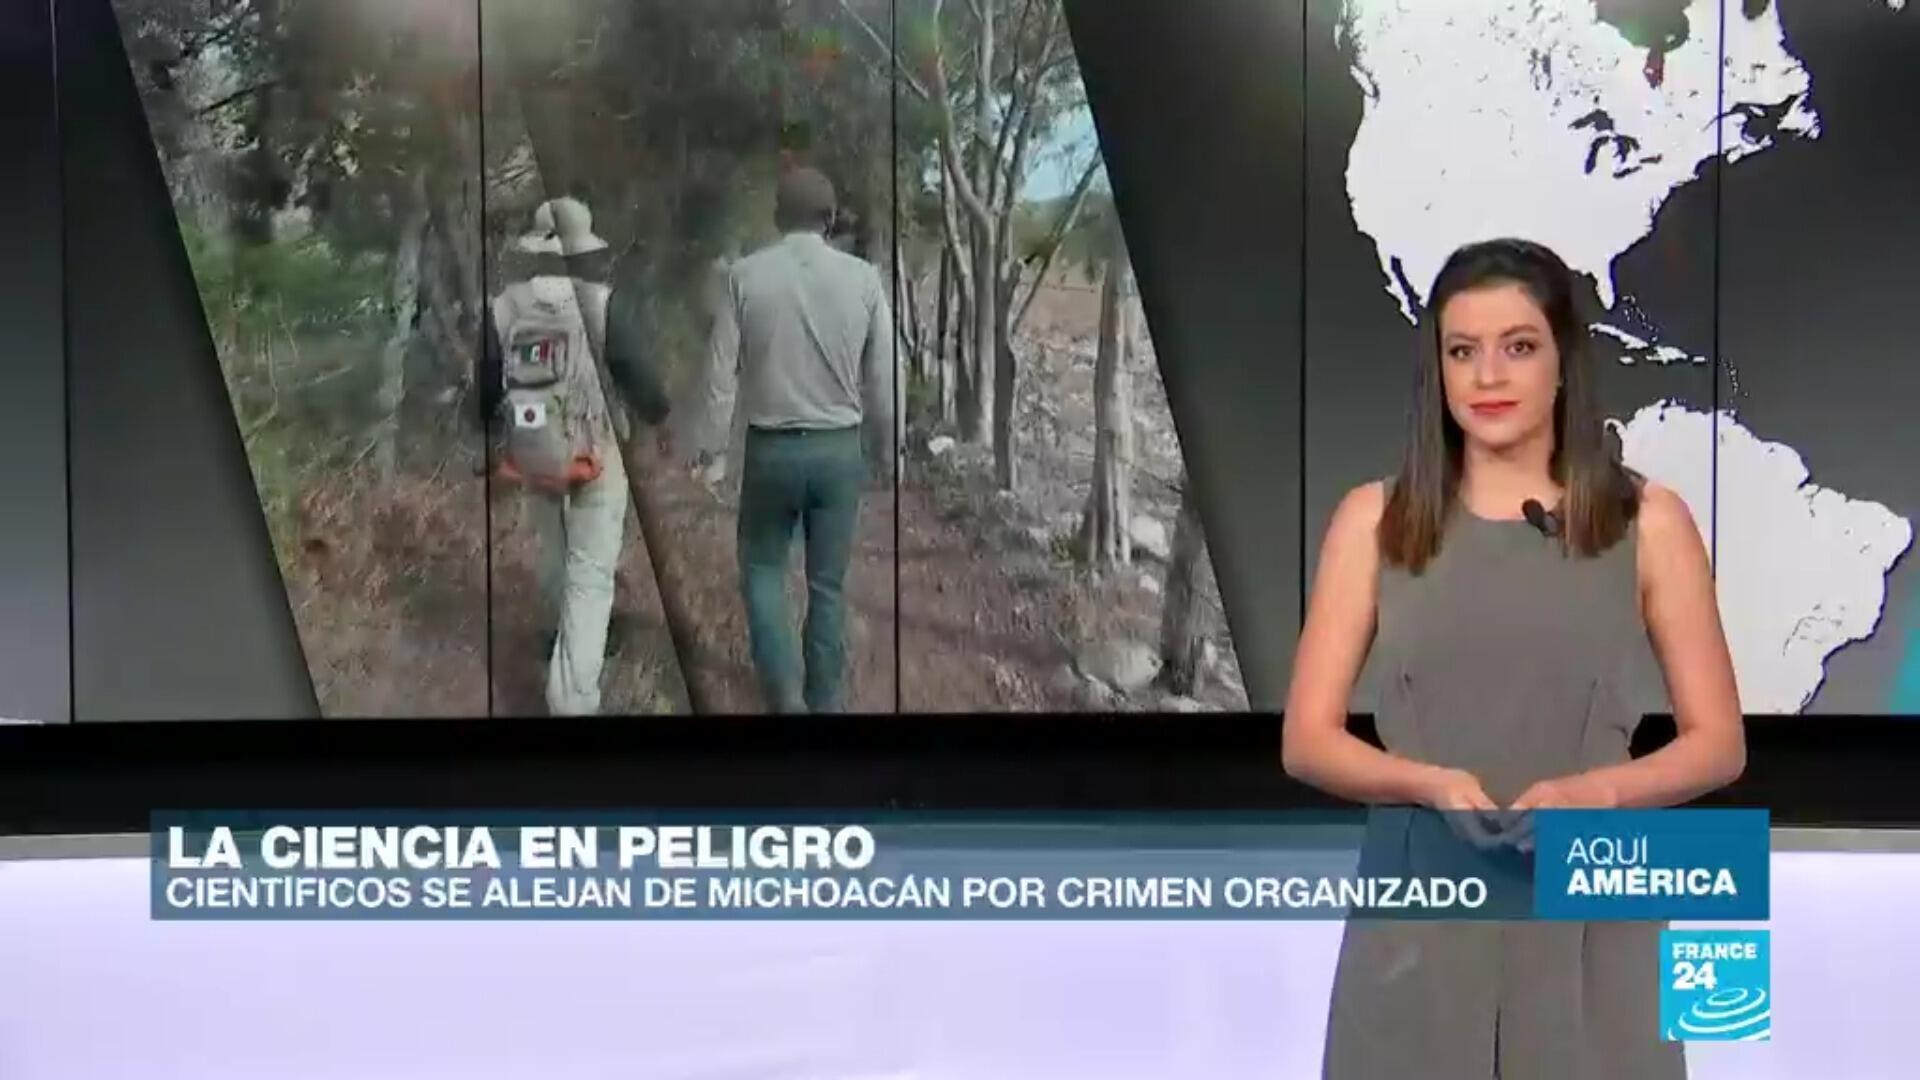 Aquí América de France 24